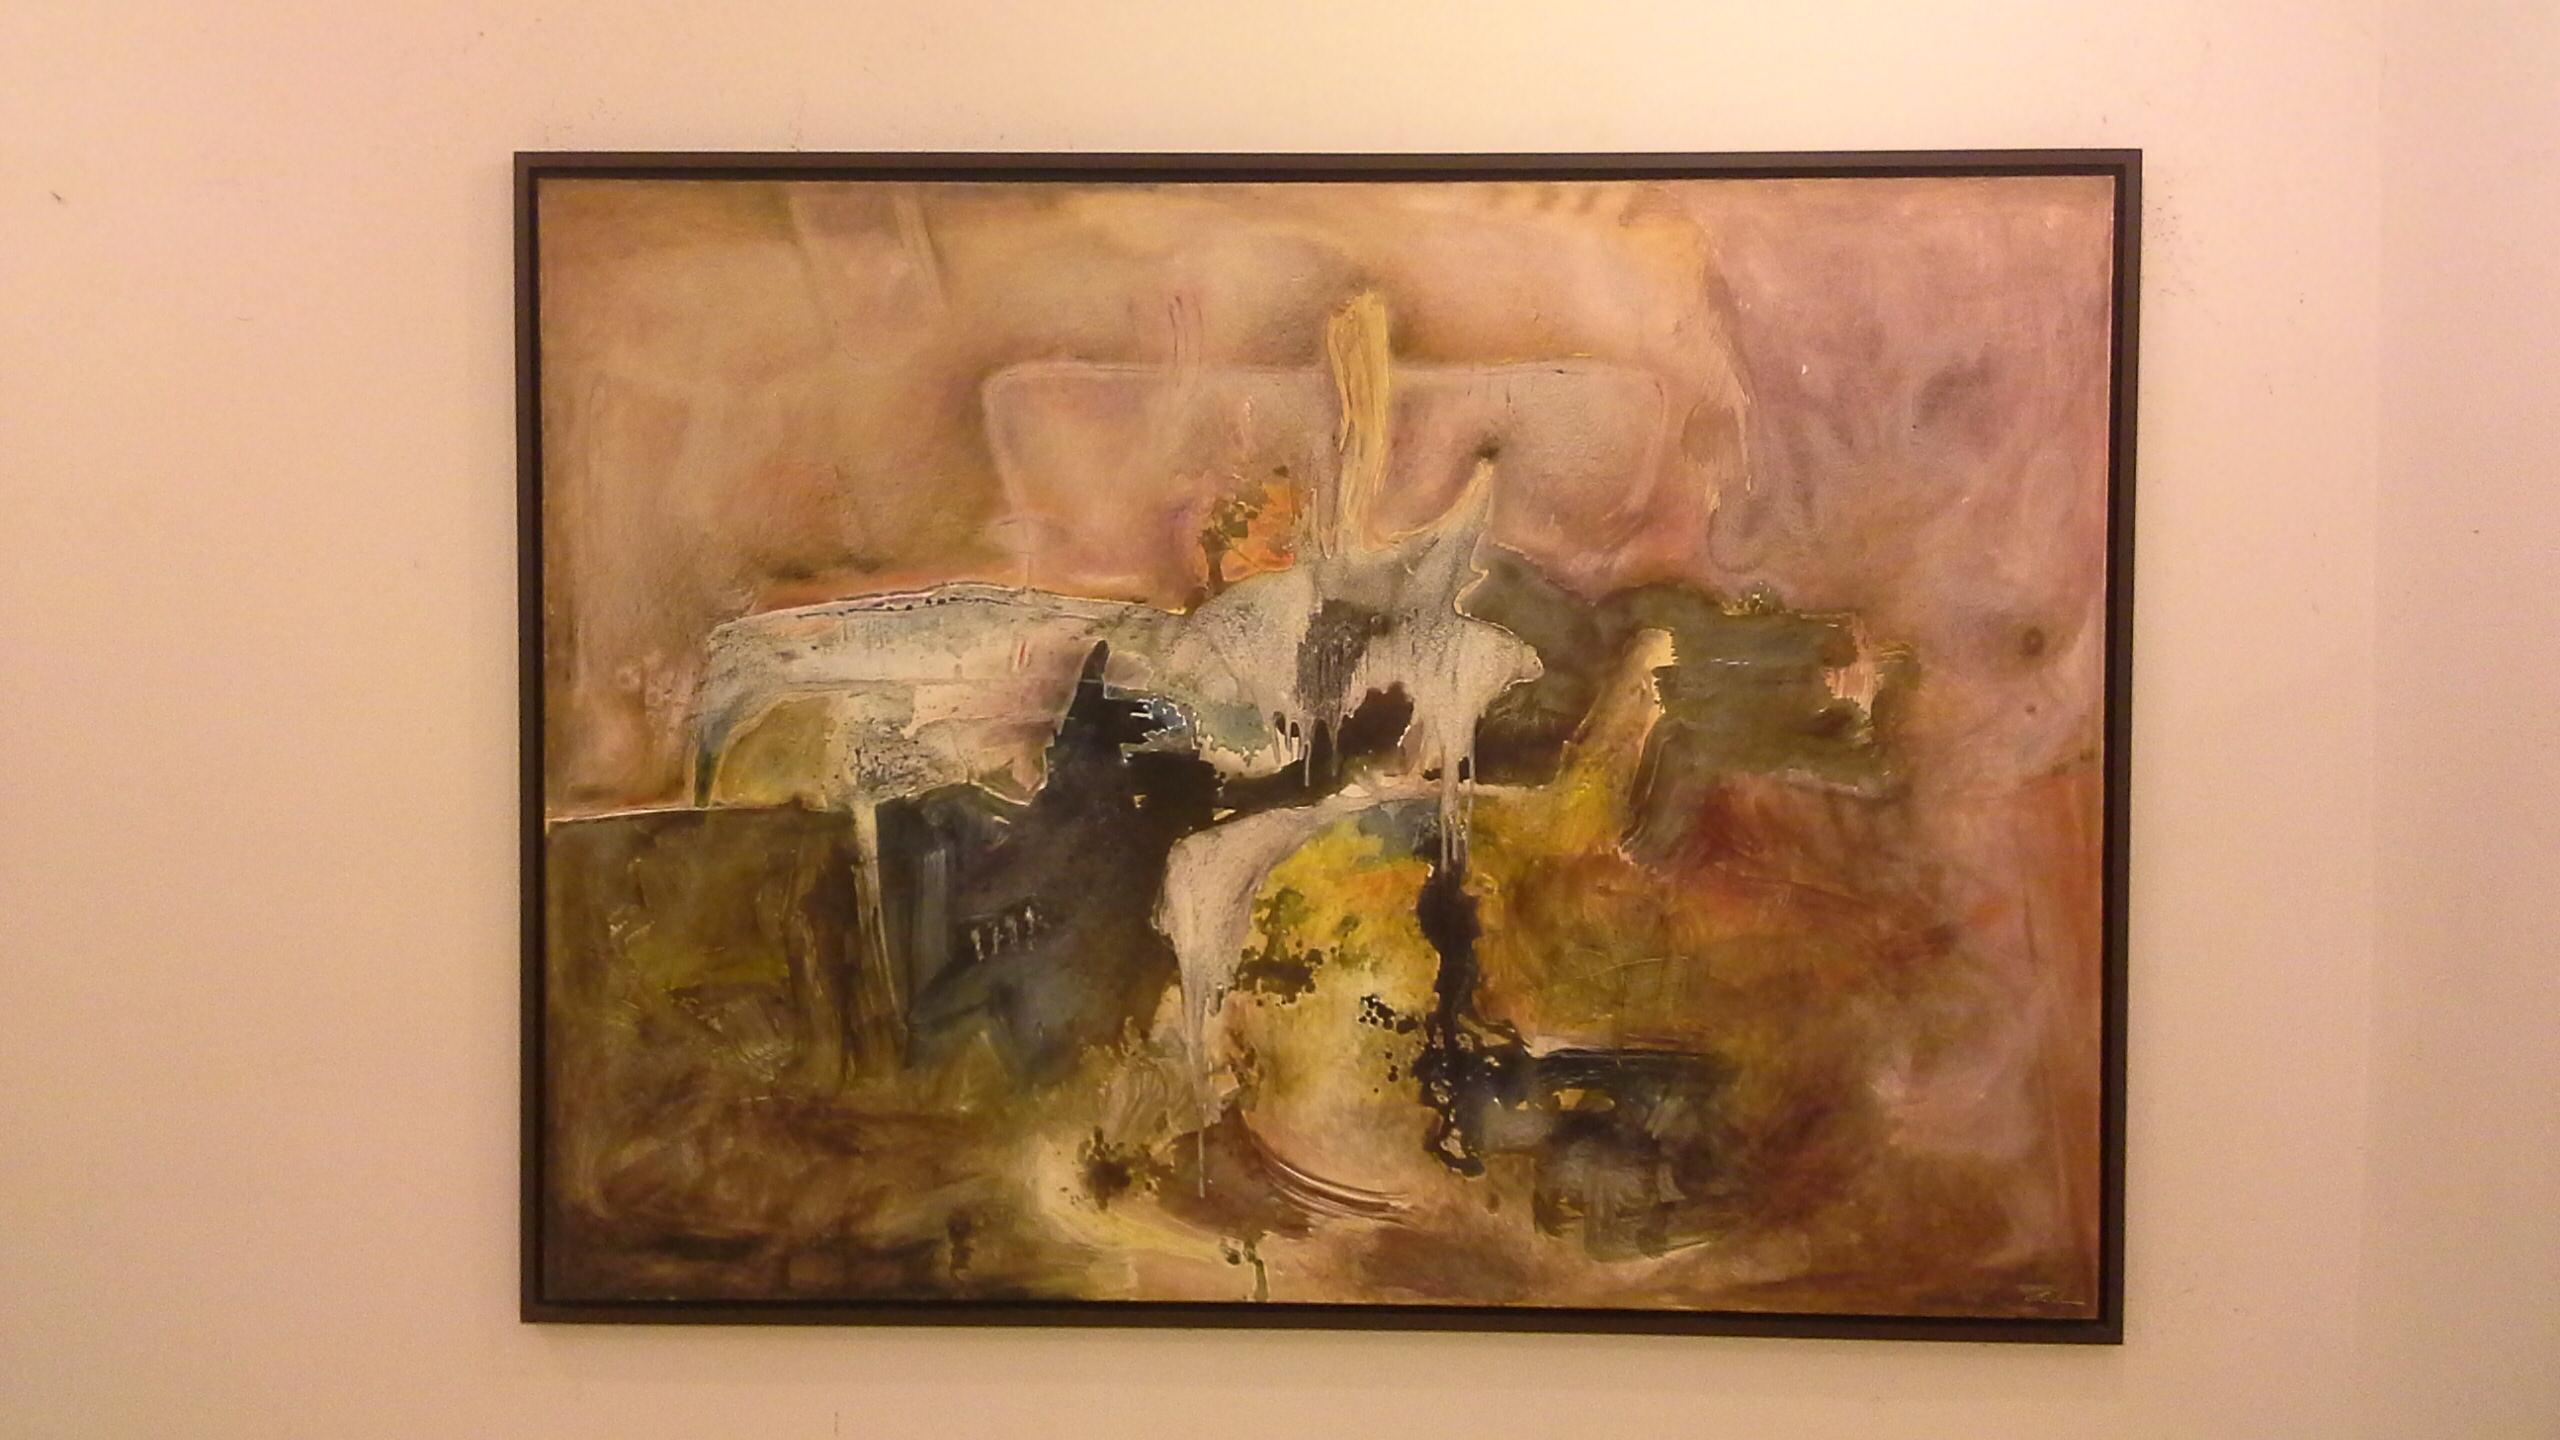 Realiz becario pecda obra abstracta y emotiva de gran - Cuadros gran formato ...